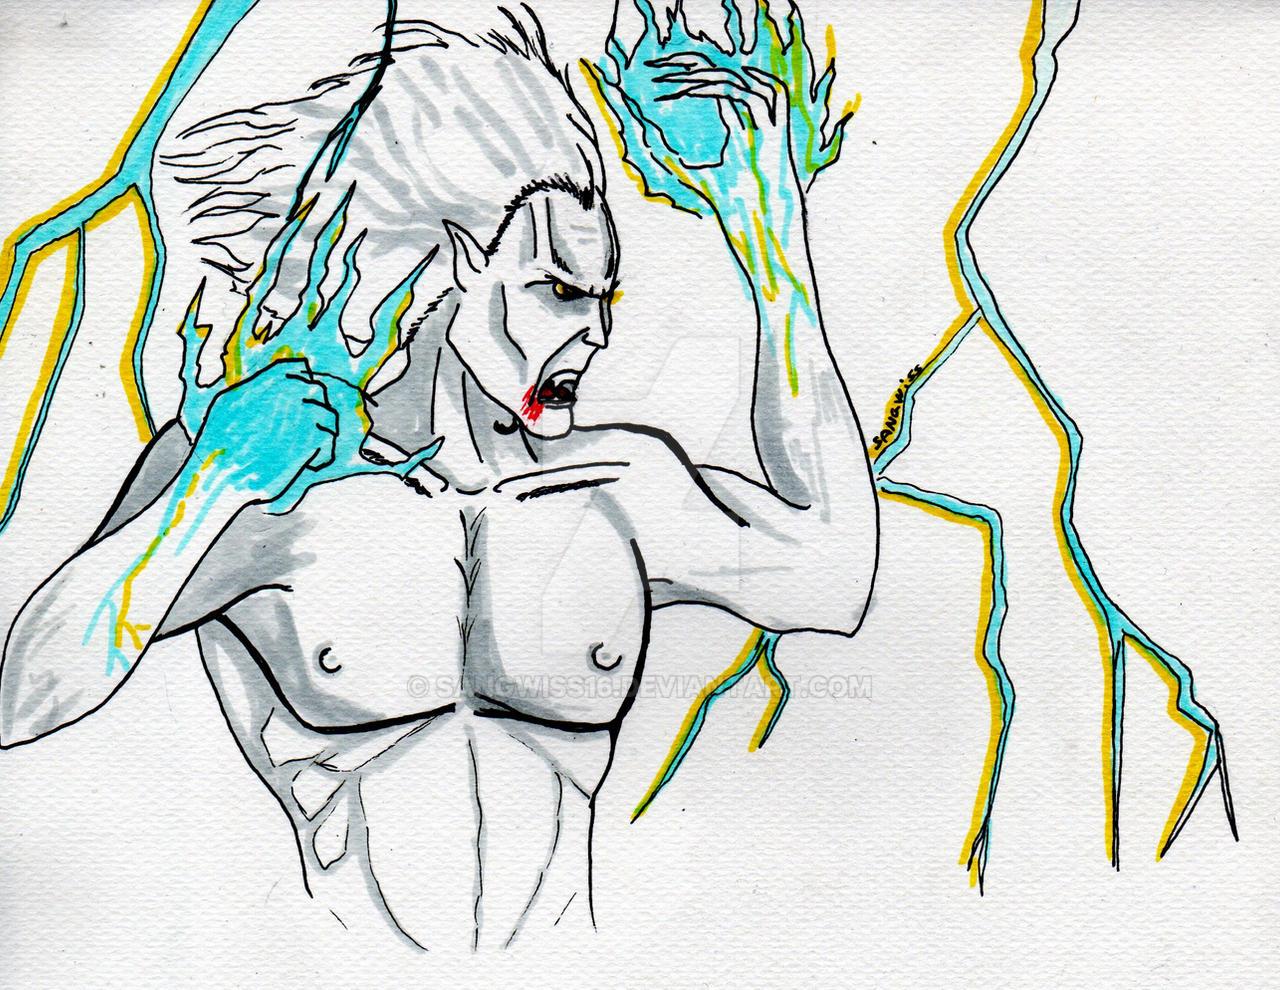 Kain__Lightning Spell__